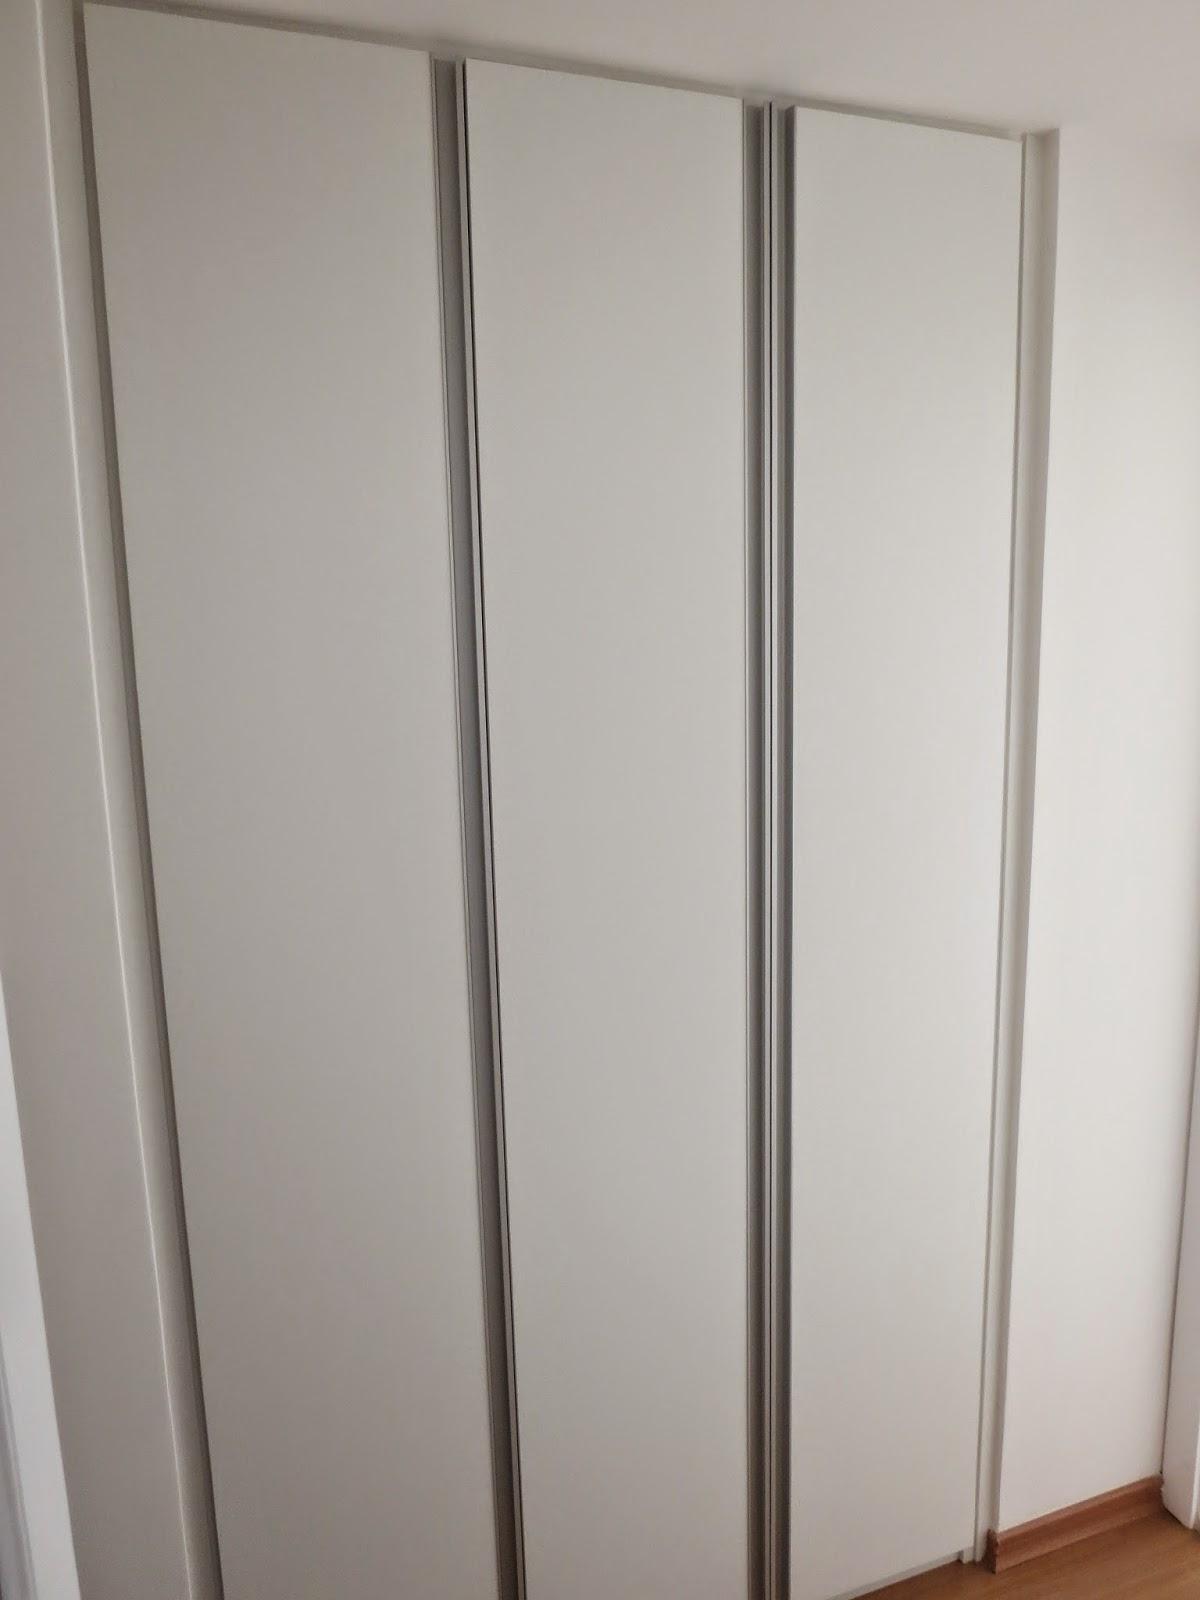 Lopes arm rios planejados roupeiro padr o branco - Perfiles de aluminio para armarios ...